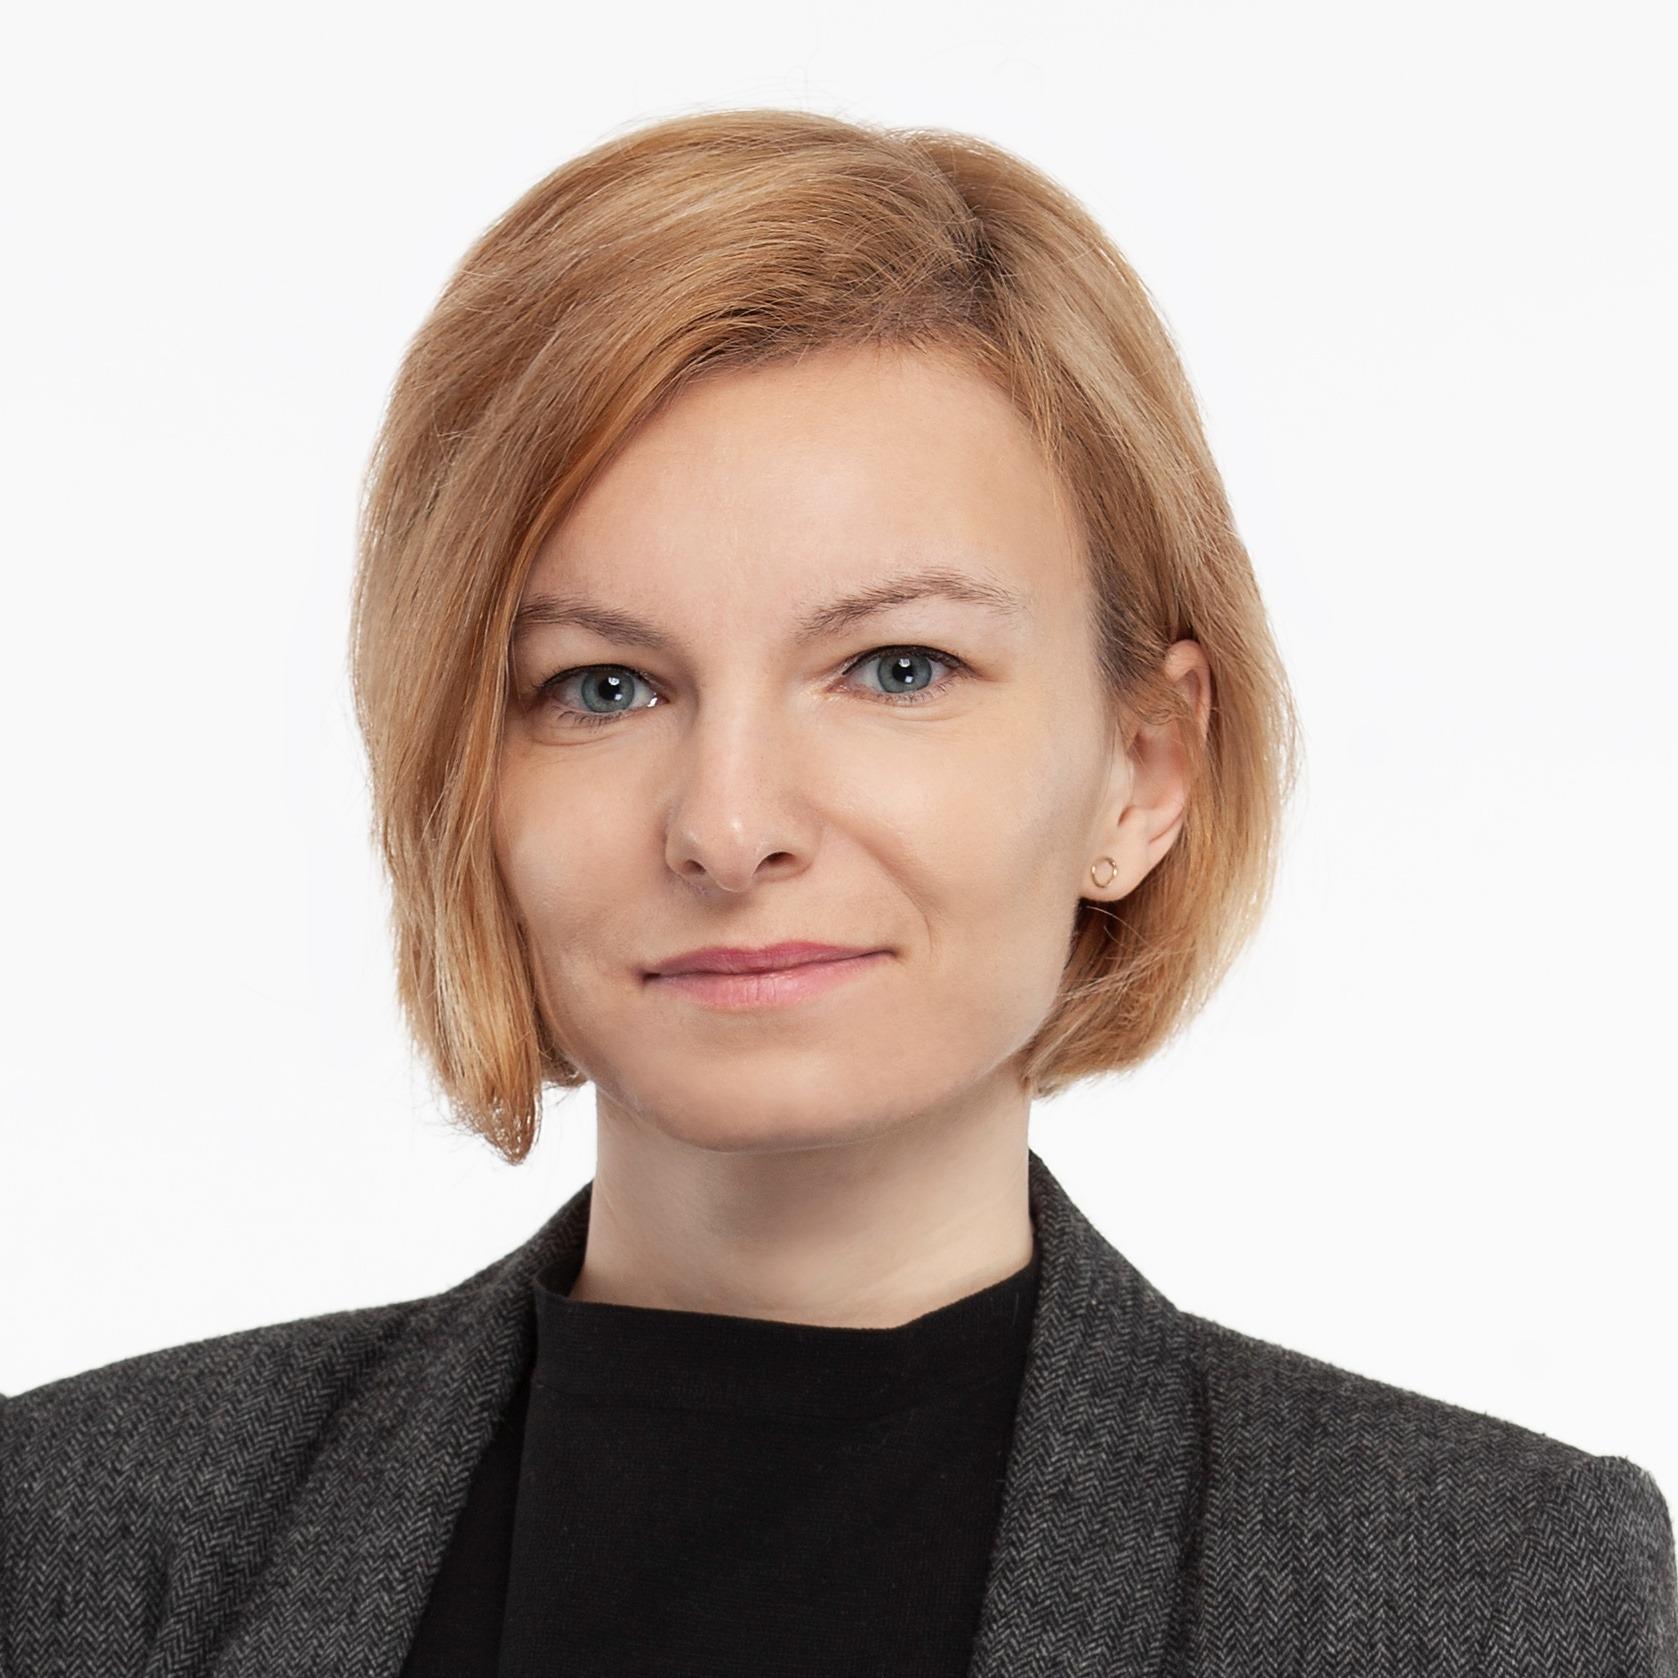 Marta Maciejewska